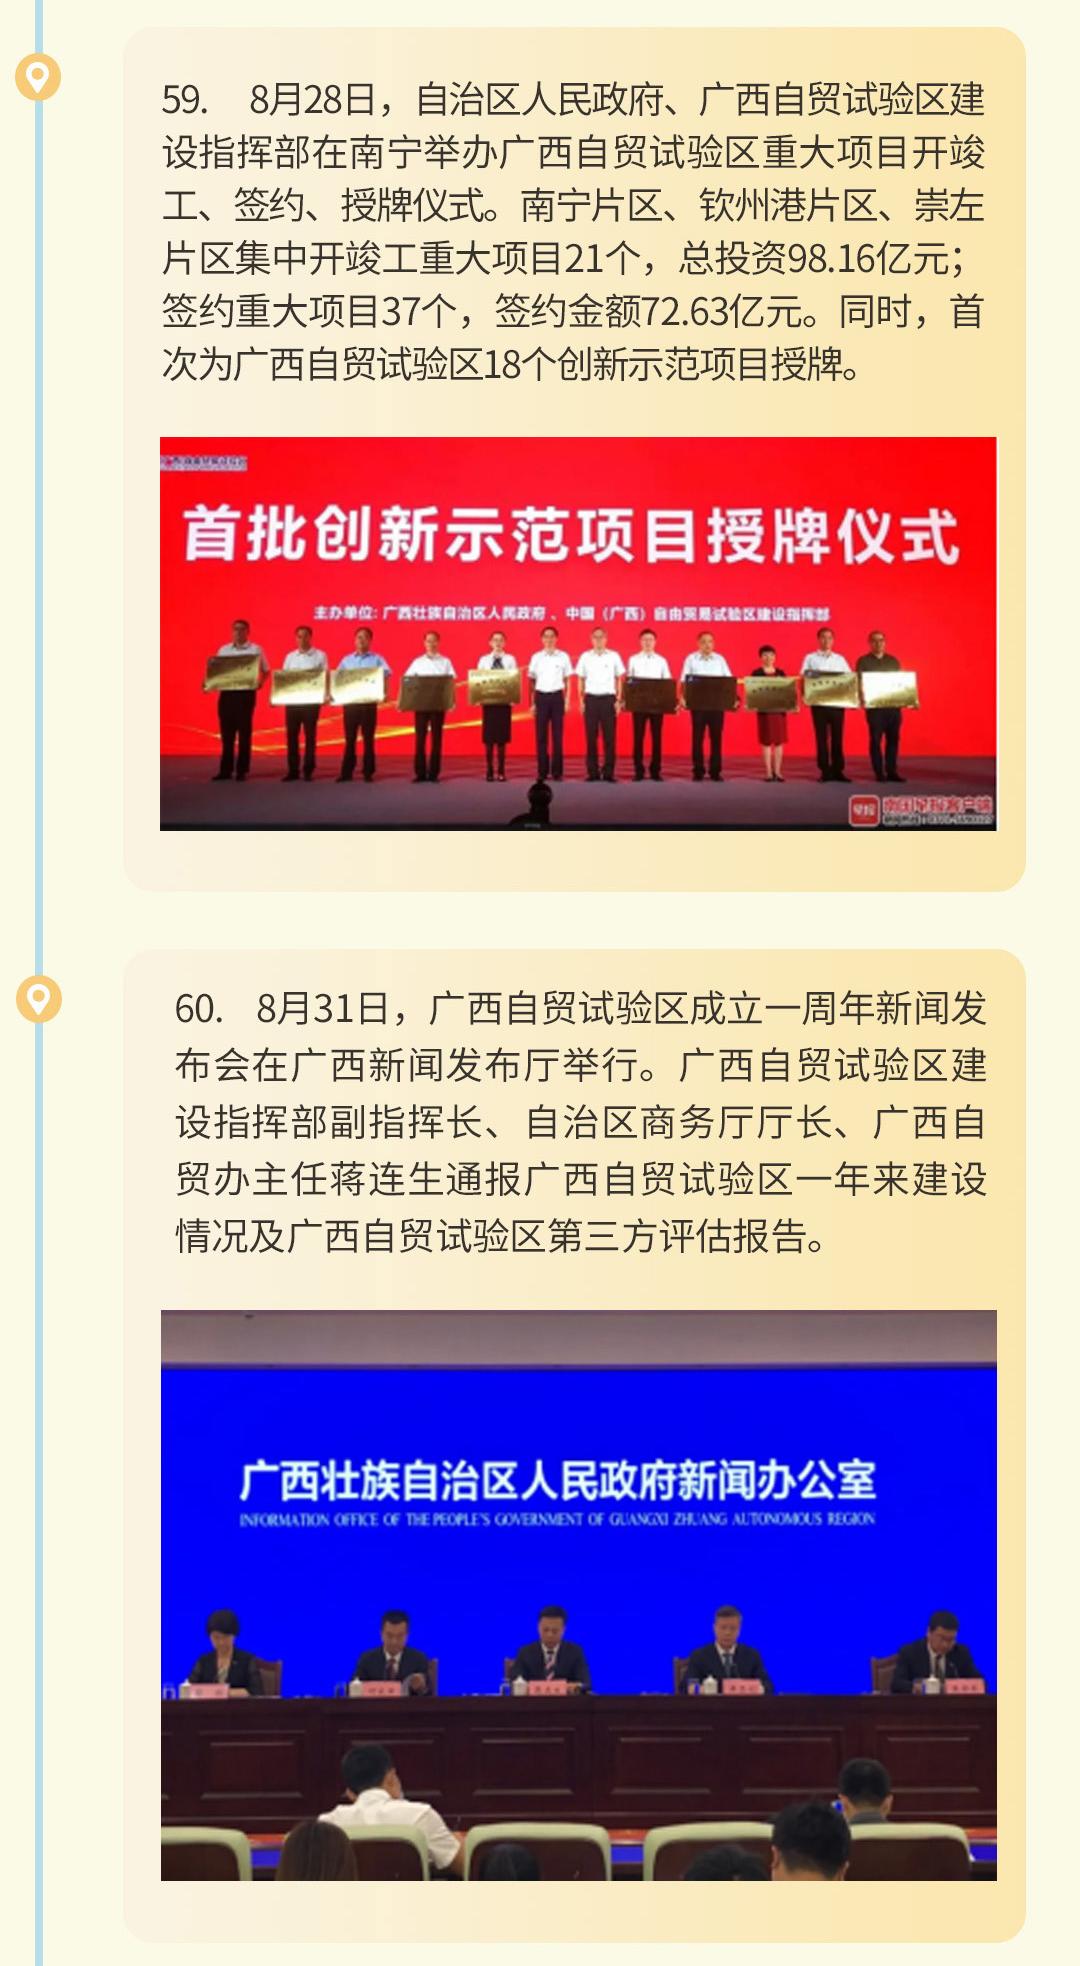 中国(广西)自由贸易试验区2020:砥砺奋进的365天(下)